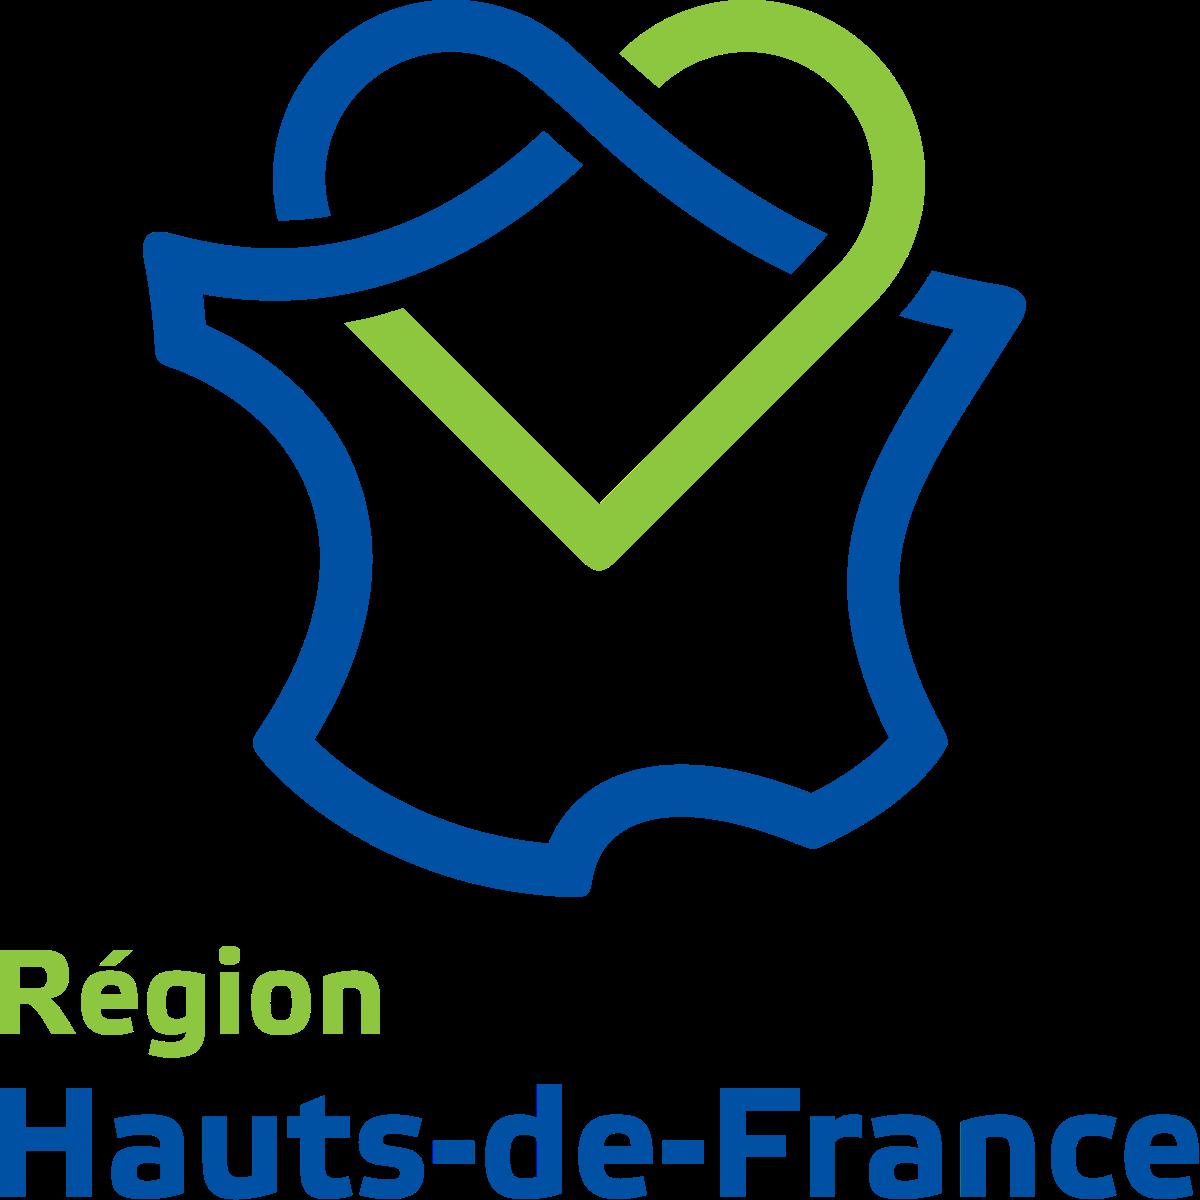 Logo_Hauts-de-France.png